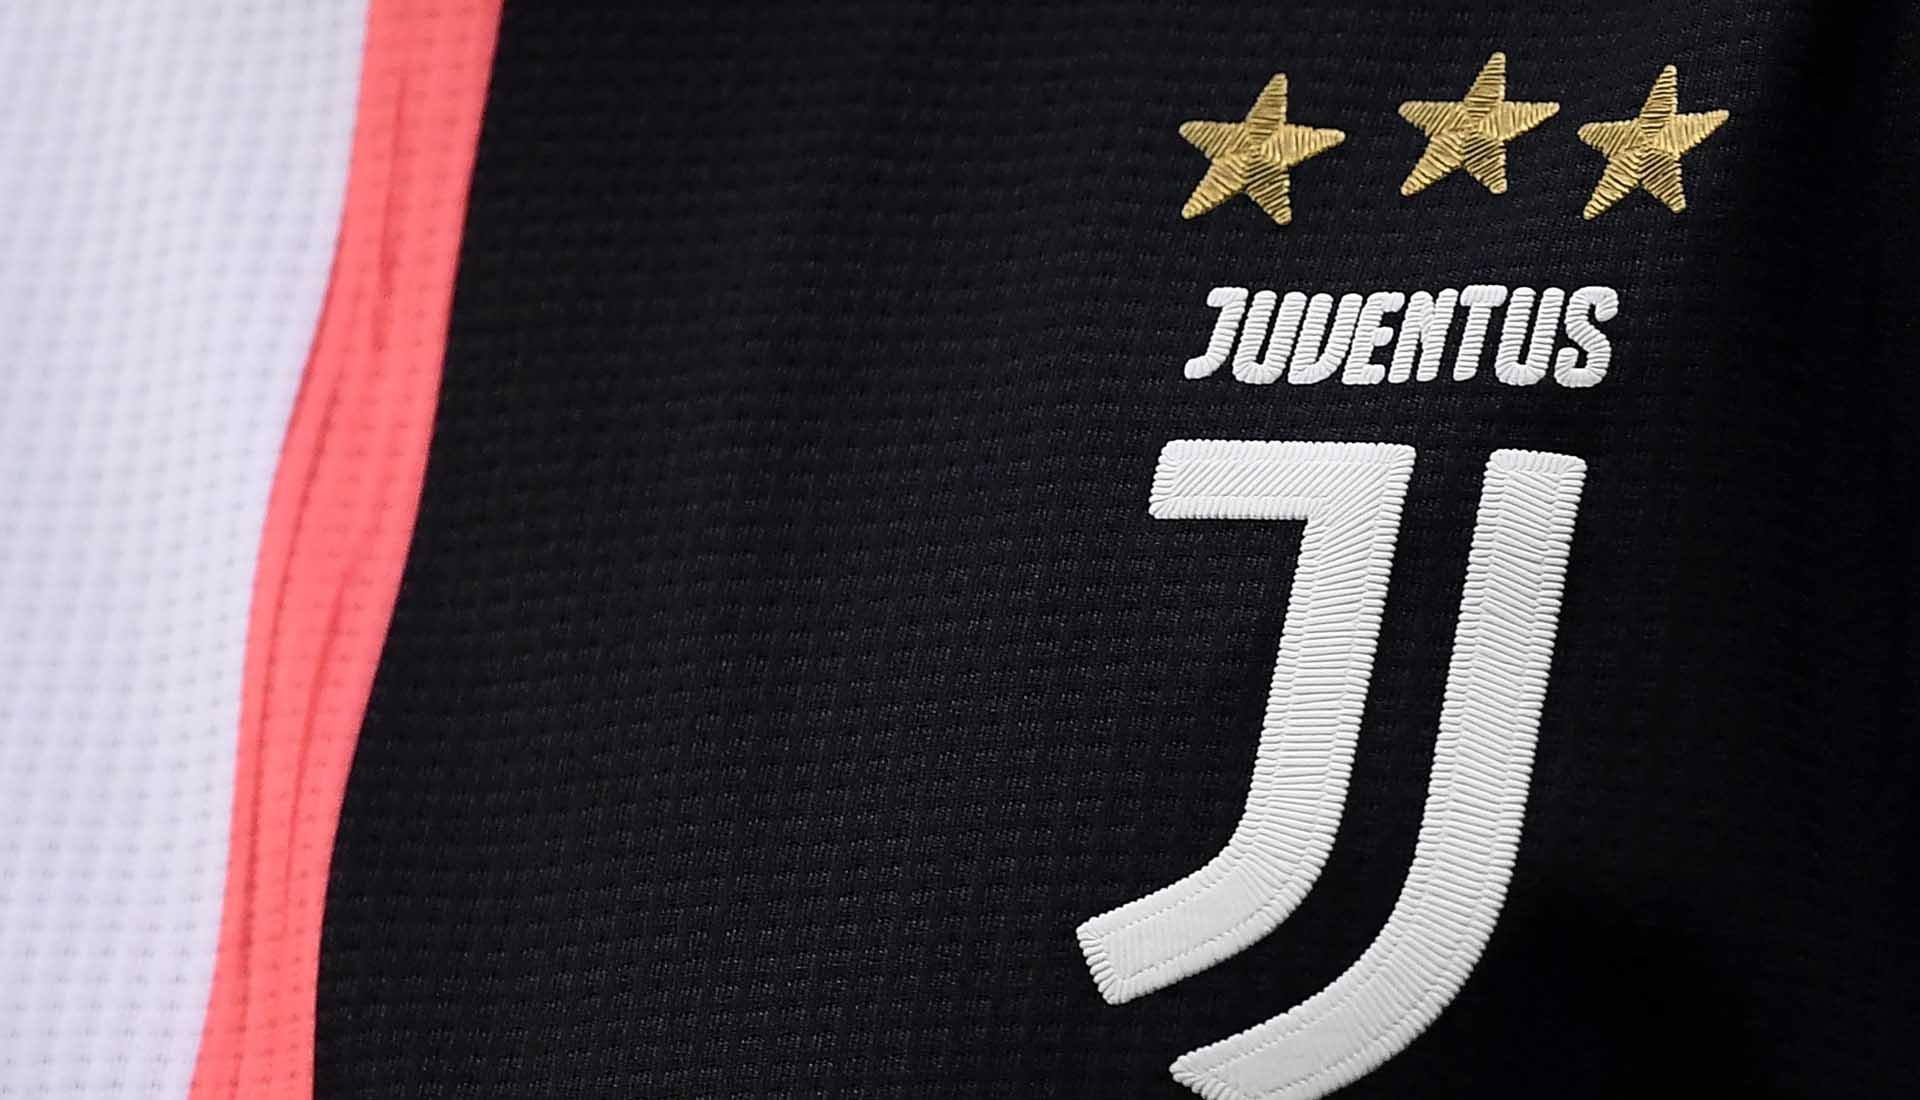 info for 1e70b 16850 adidas Design Director Inigo Turner Talks Juventus 2019/20 ...